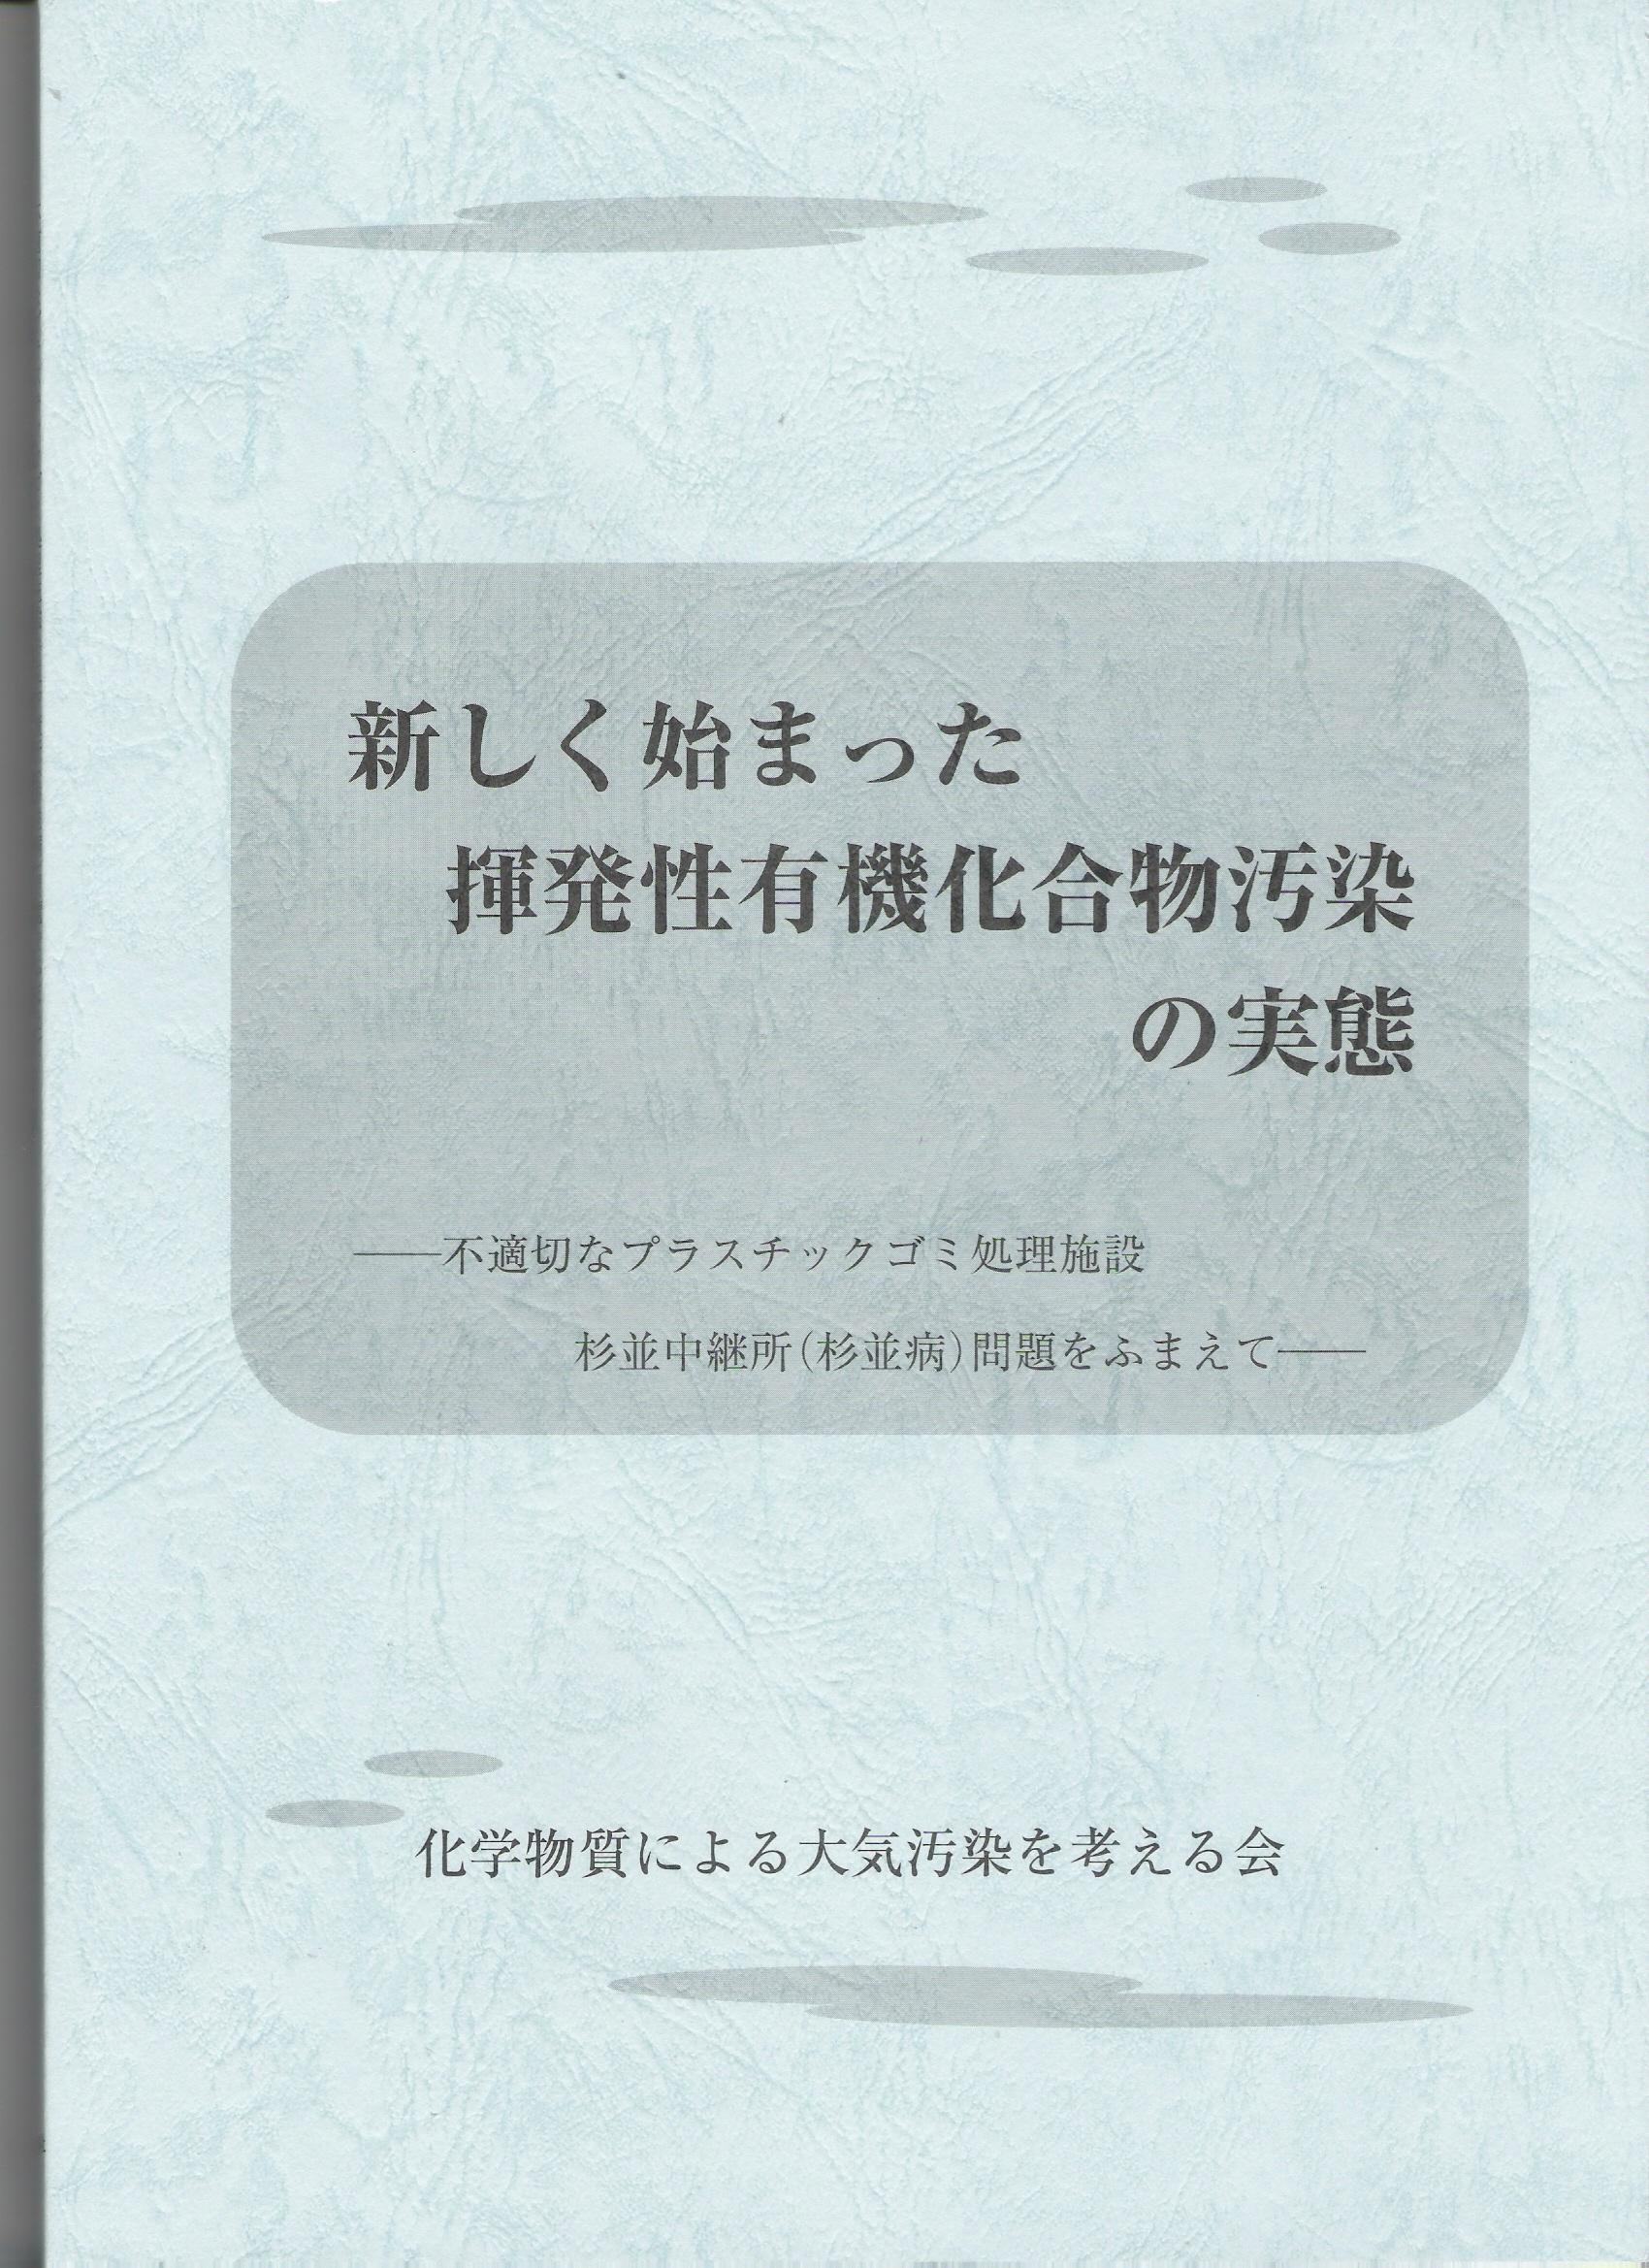 【新刊図書】新しく始まった揮発性有機化合物汚染の実態